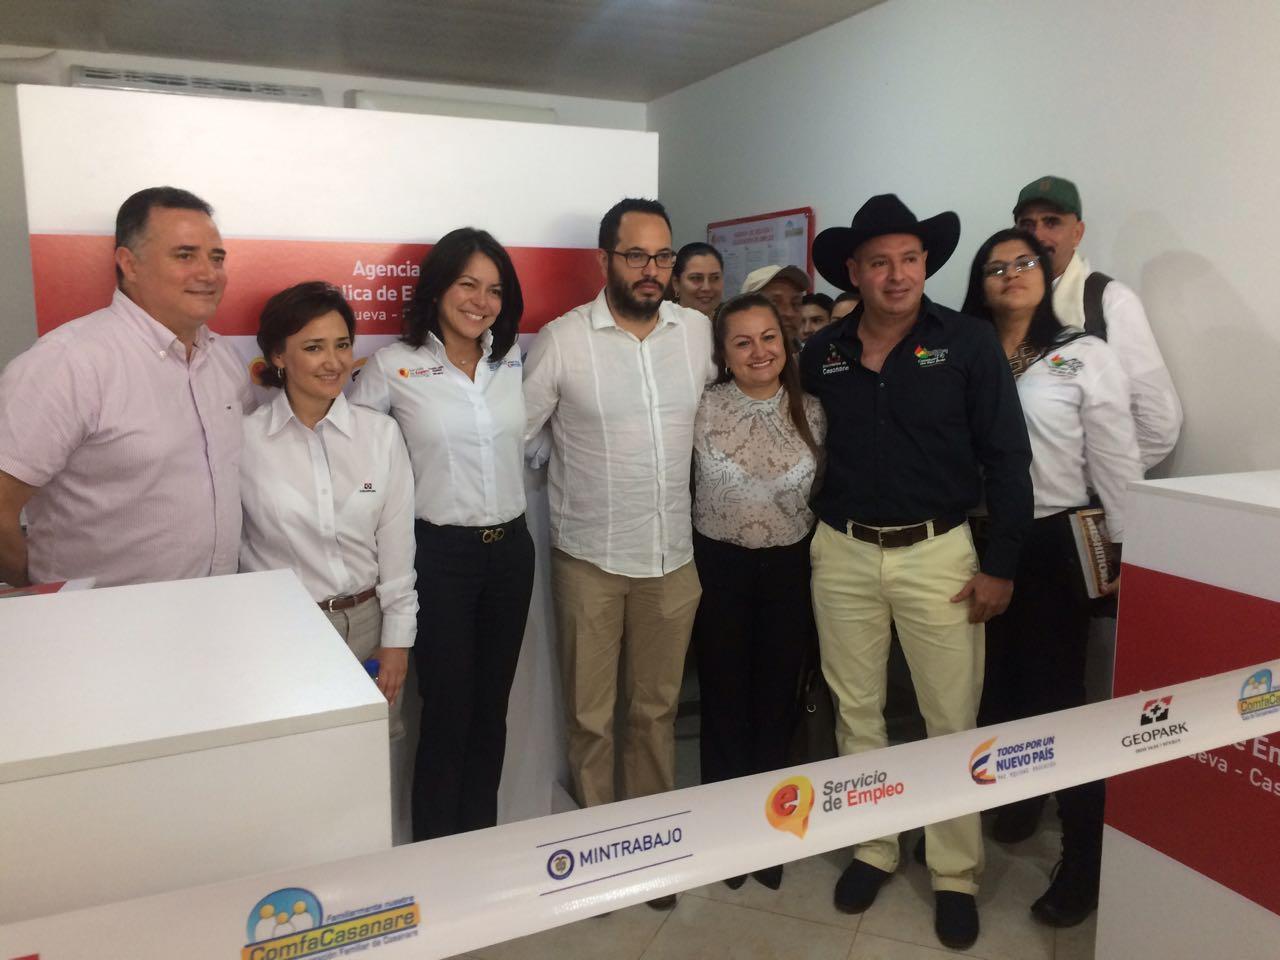 Photo of Representante de MinEmpleo acompañó apertura de Agencia de gestión y colocación en Villanueva